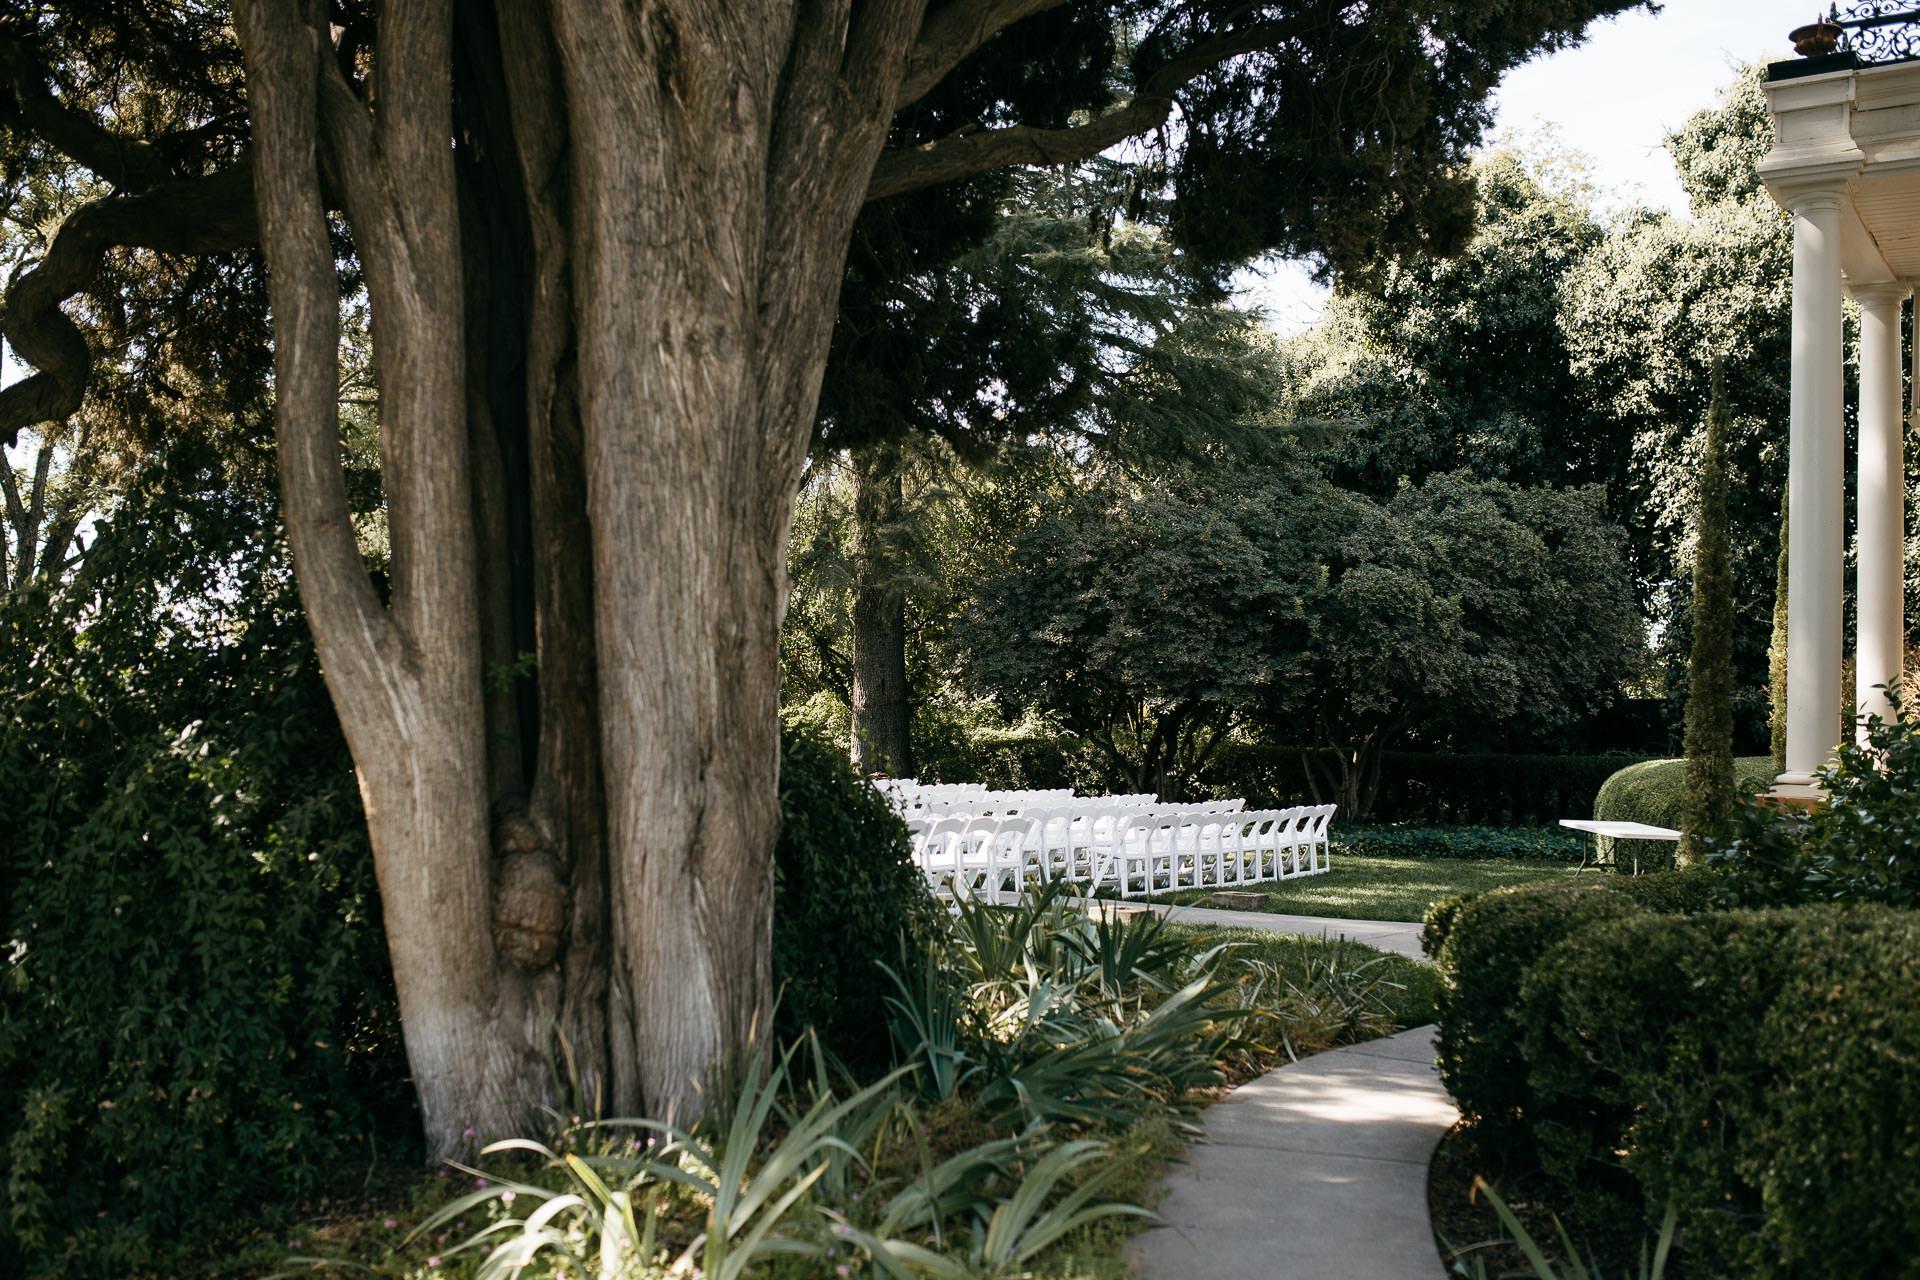 lauren_graham_wedding_california_park_winters_jeanlaurentgaudy_009